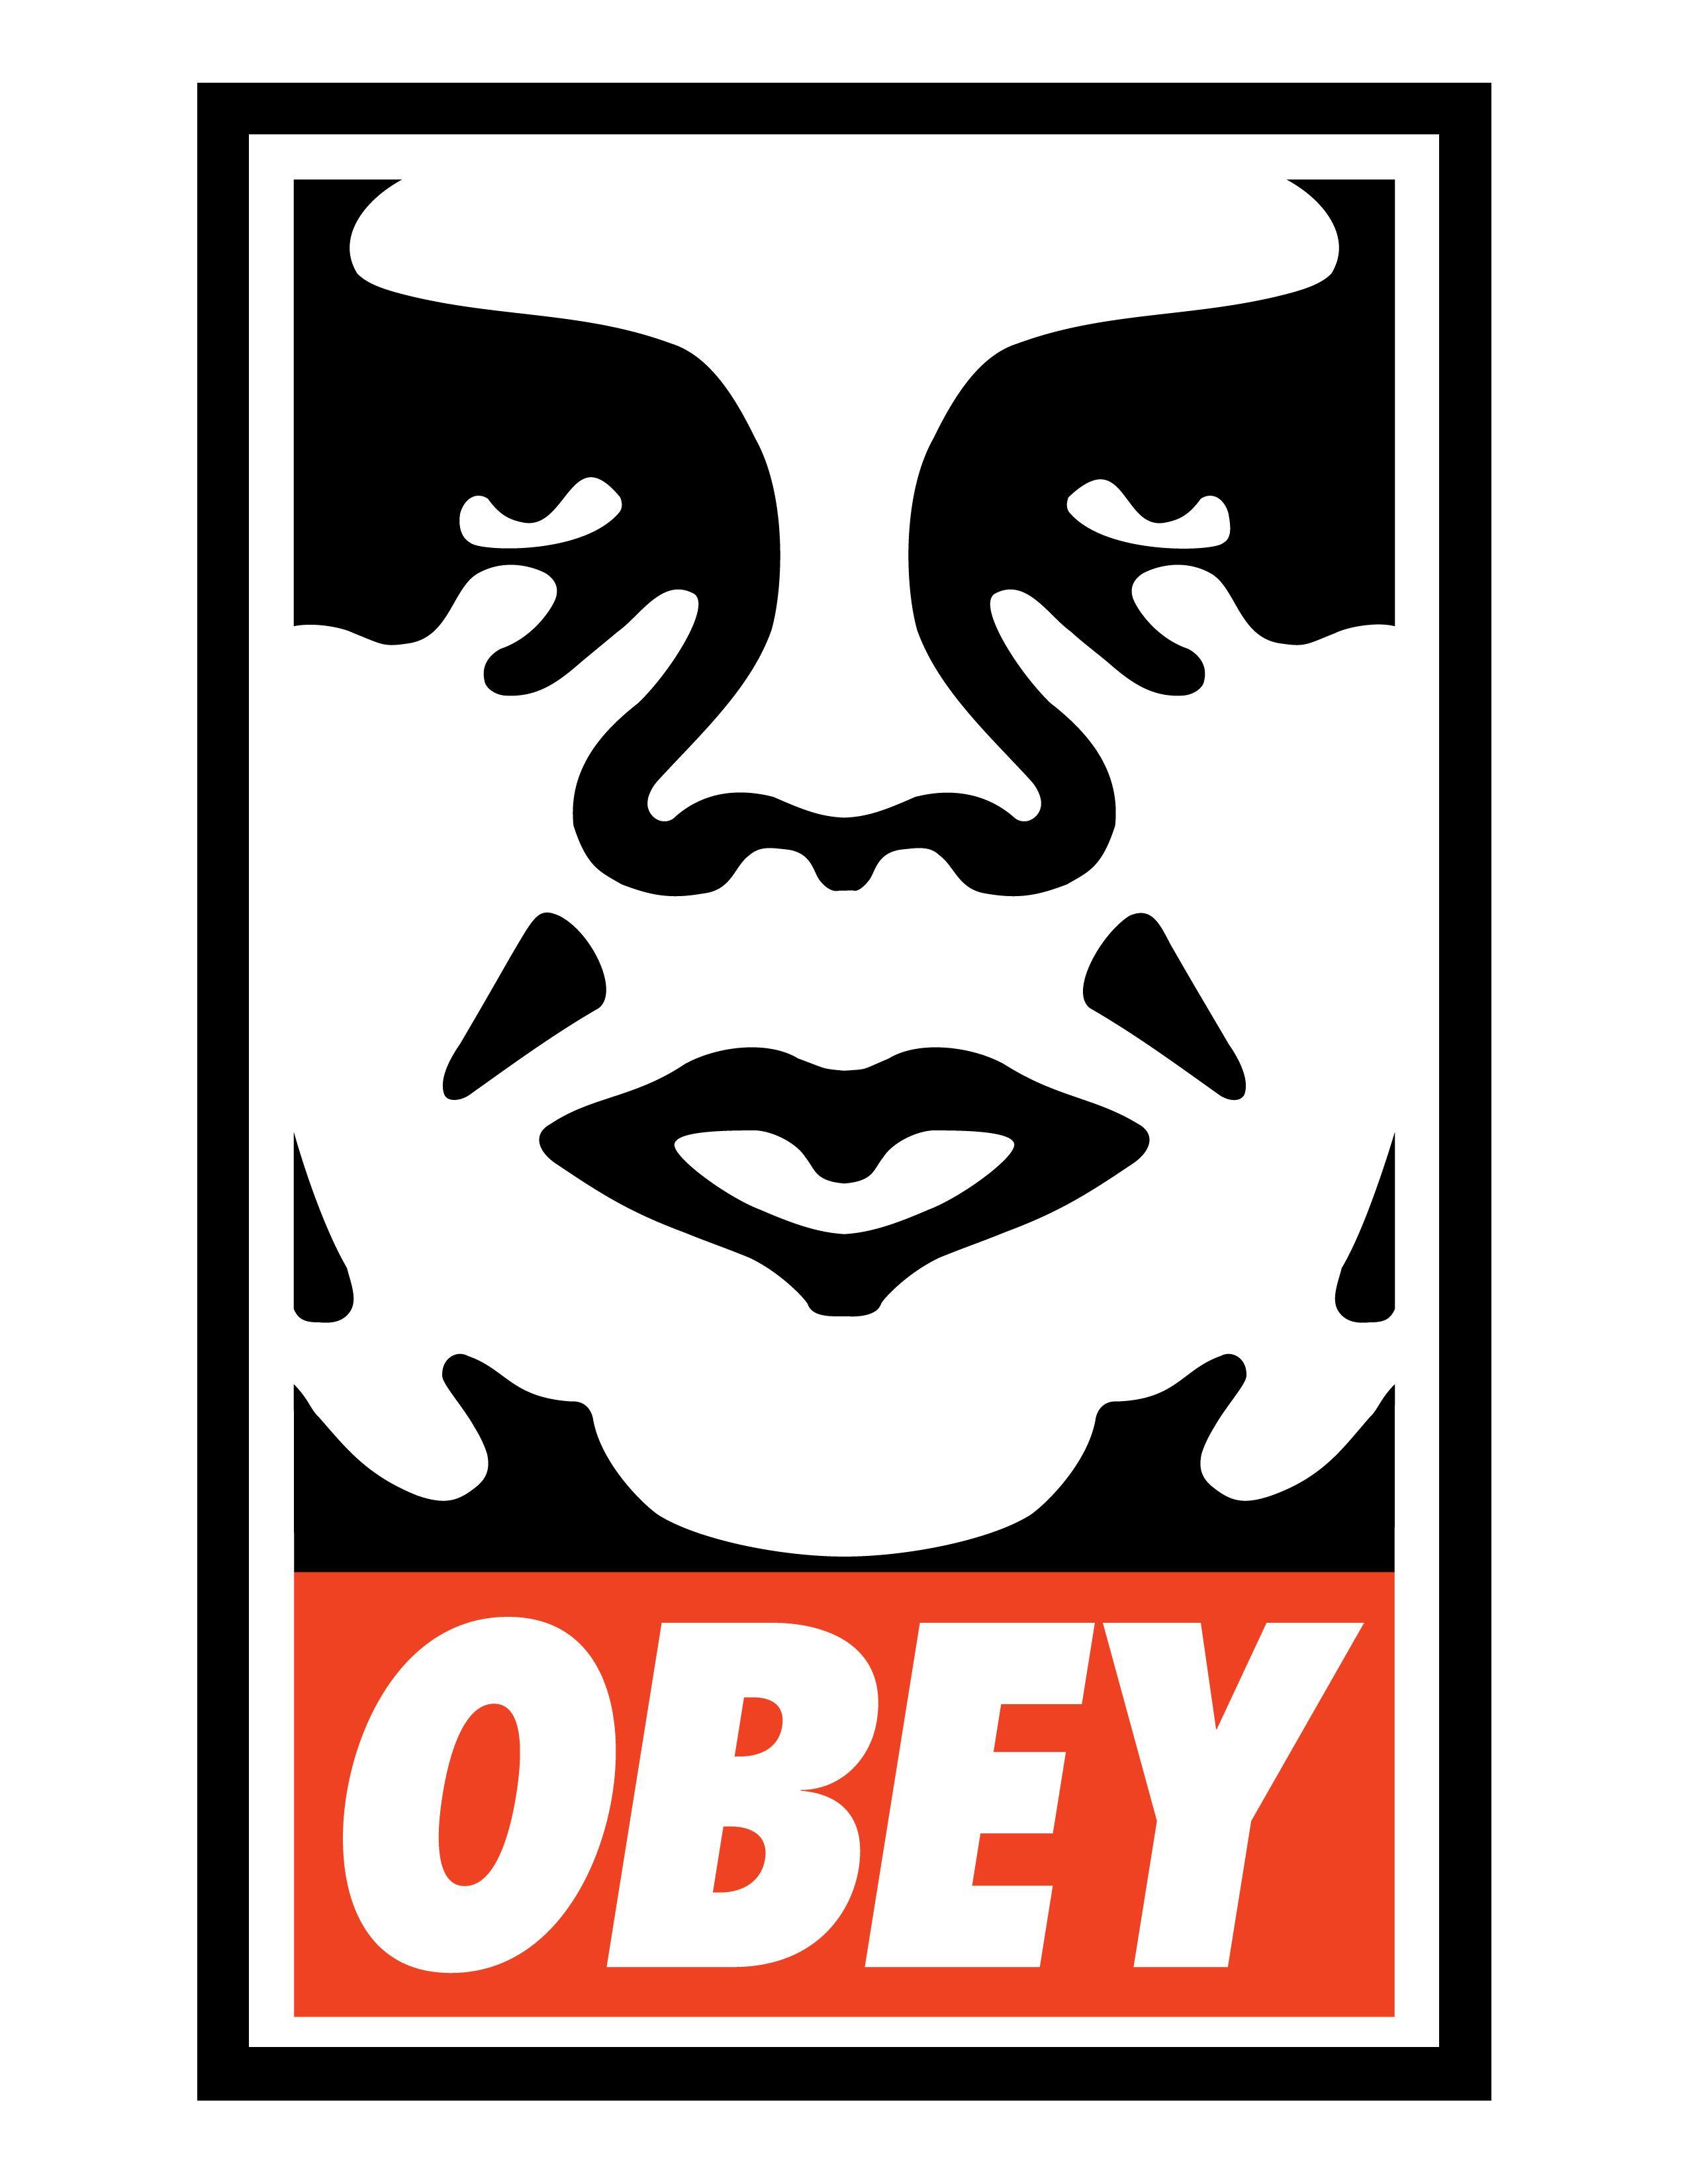 Pin by Dan Askew on Typography   Obey art, Shepard fairey obey, Street  artists